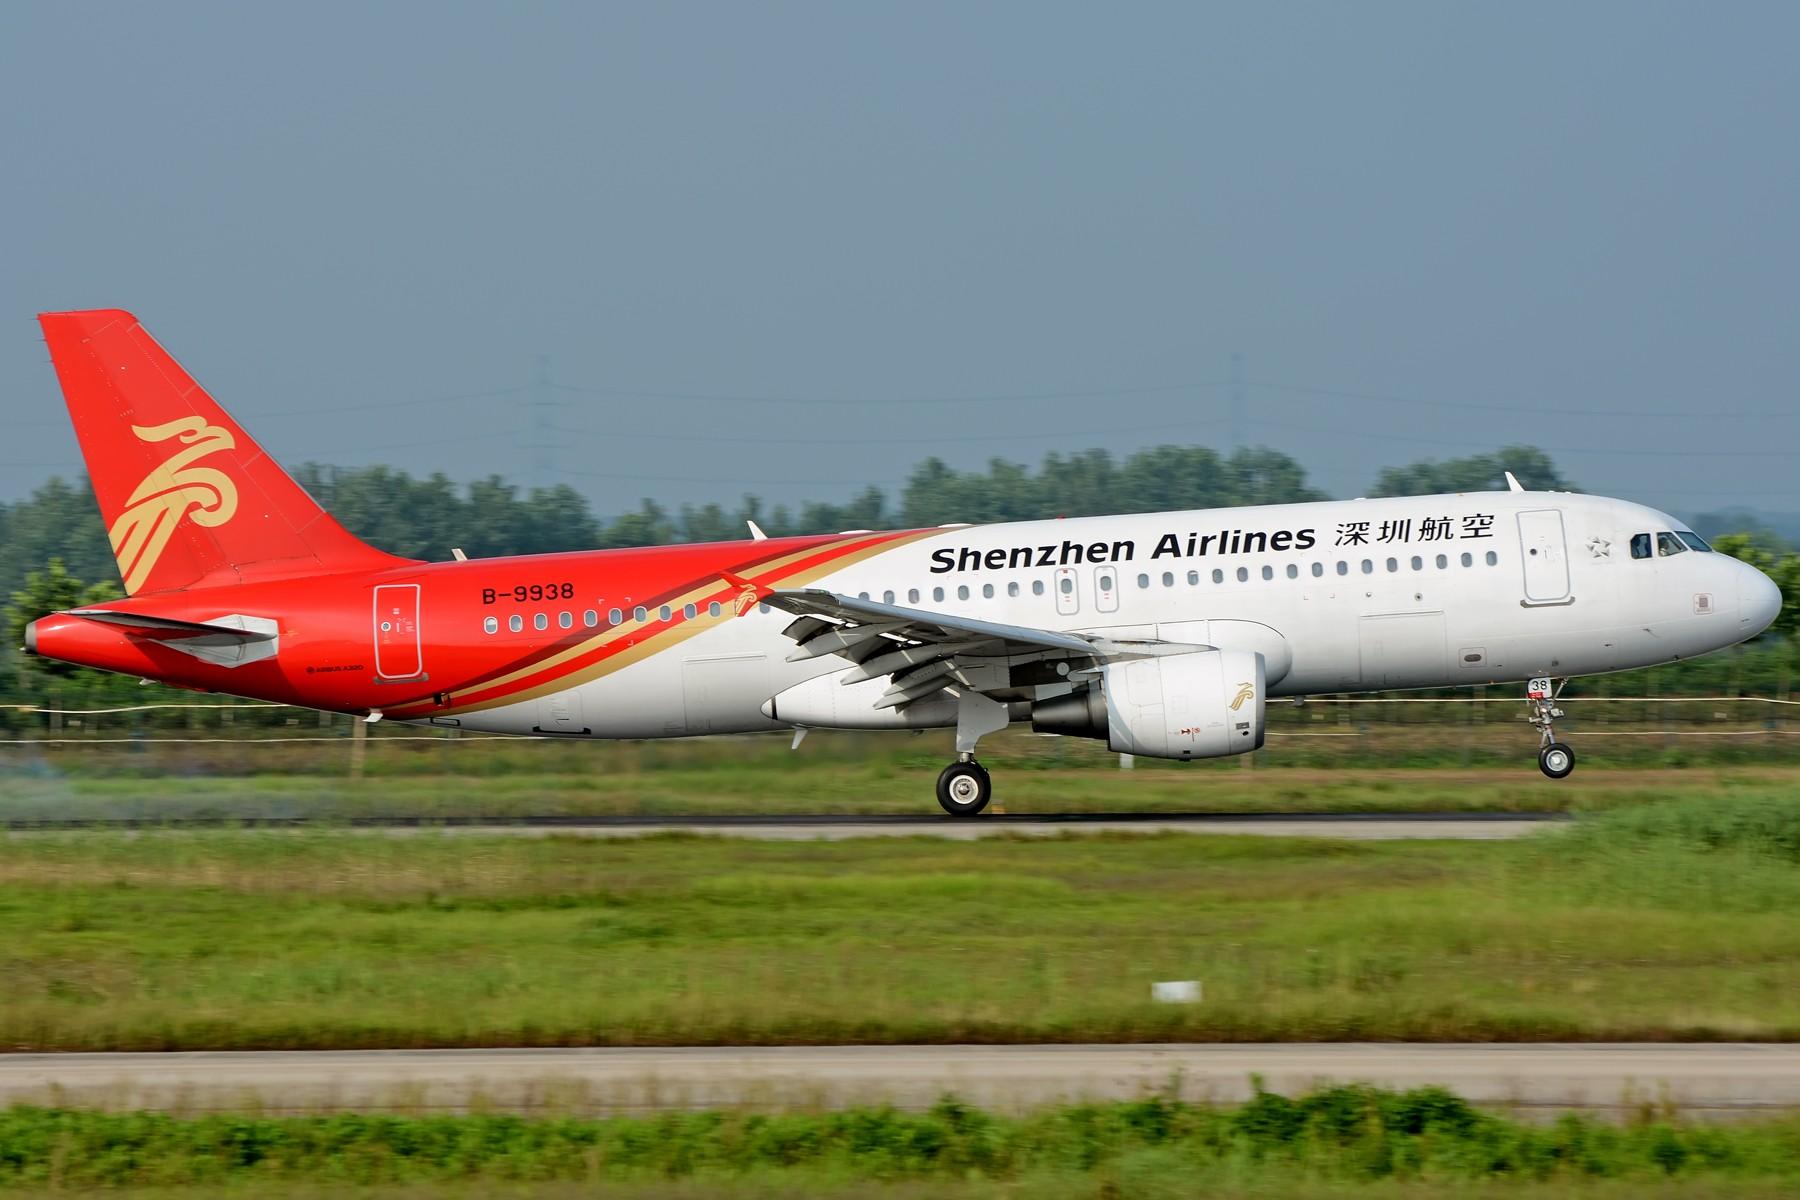 [原创]【一图党】SHENZHEN AIRLINES A320-214 B-9938 AIRBUS A320-200 B-9938 中国合肥新桥国际机场